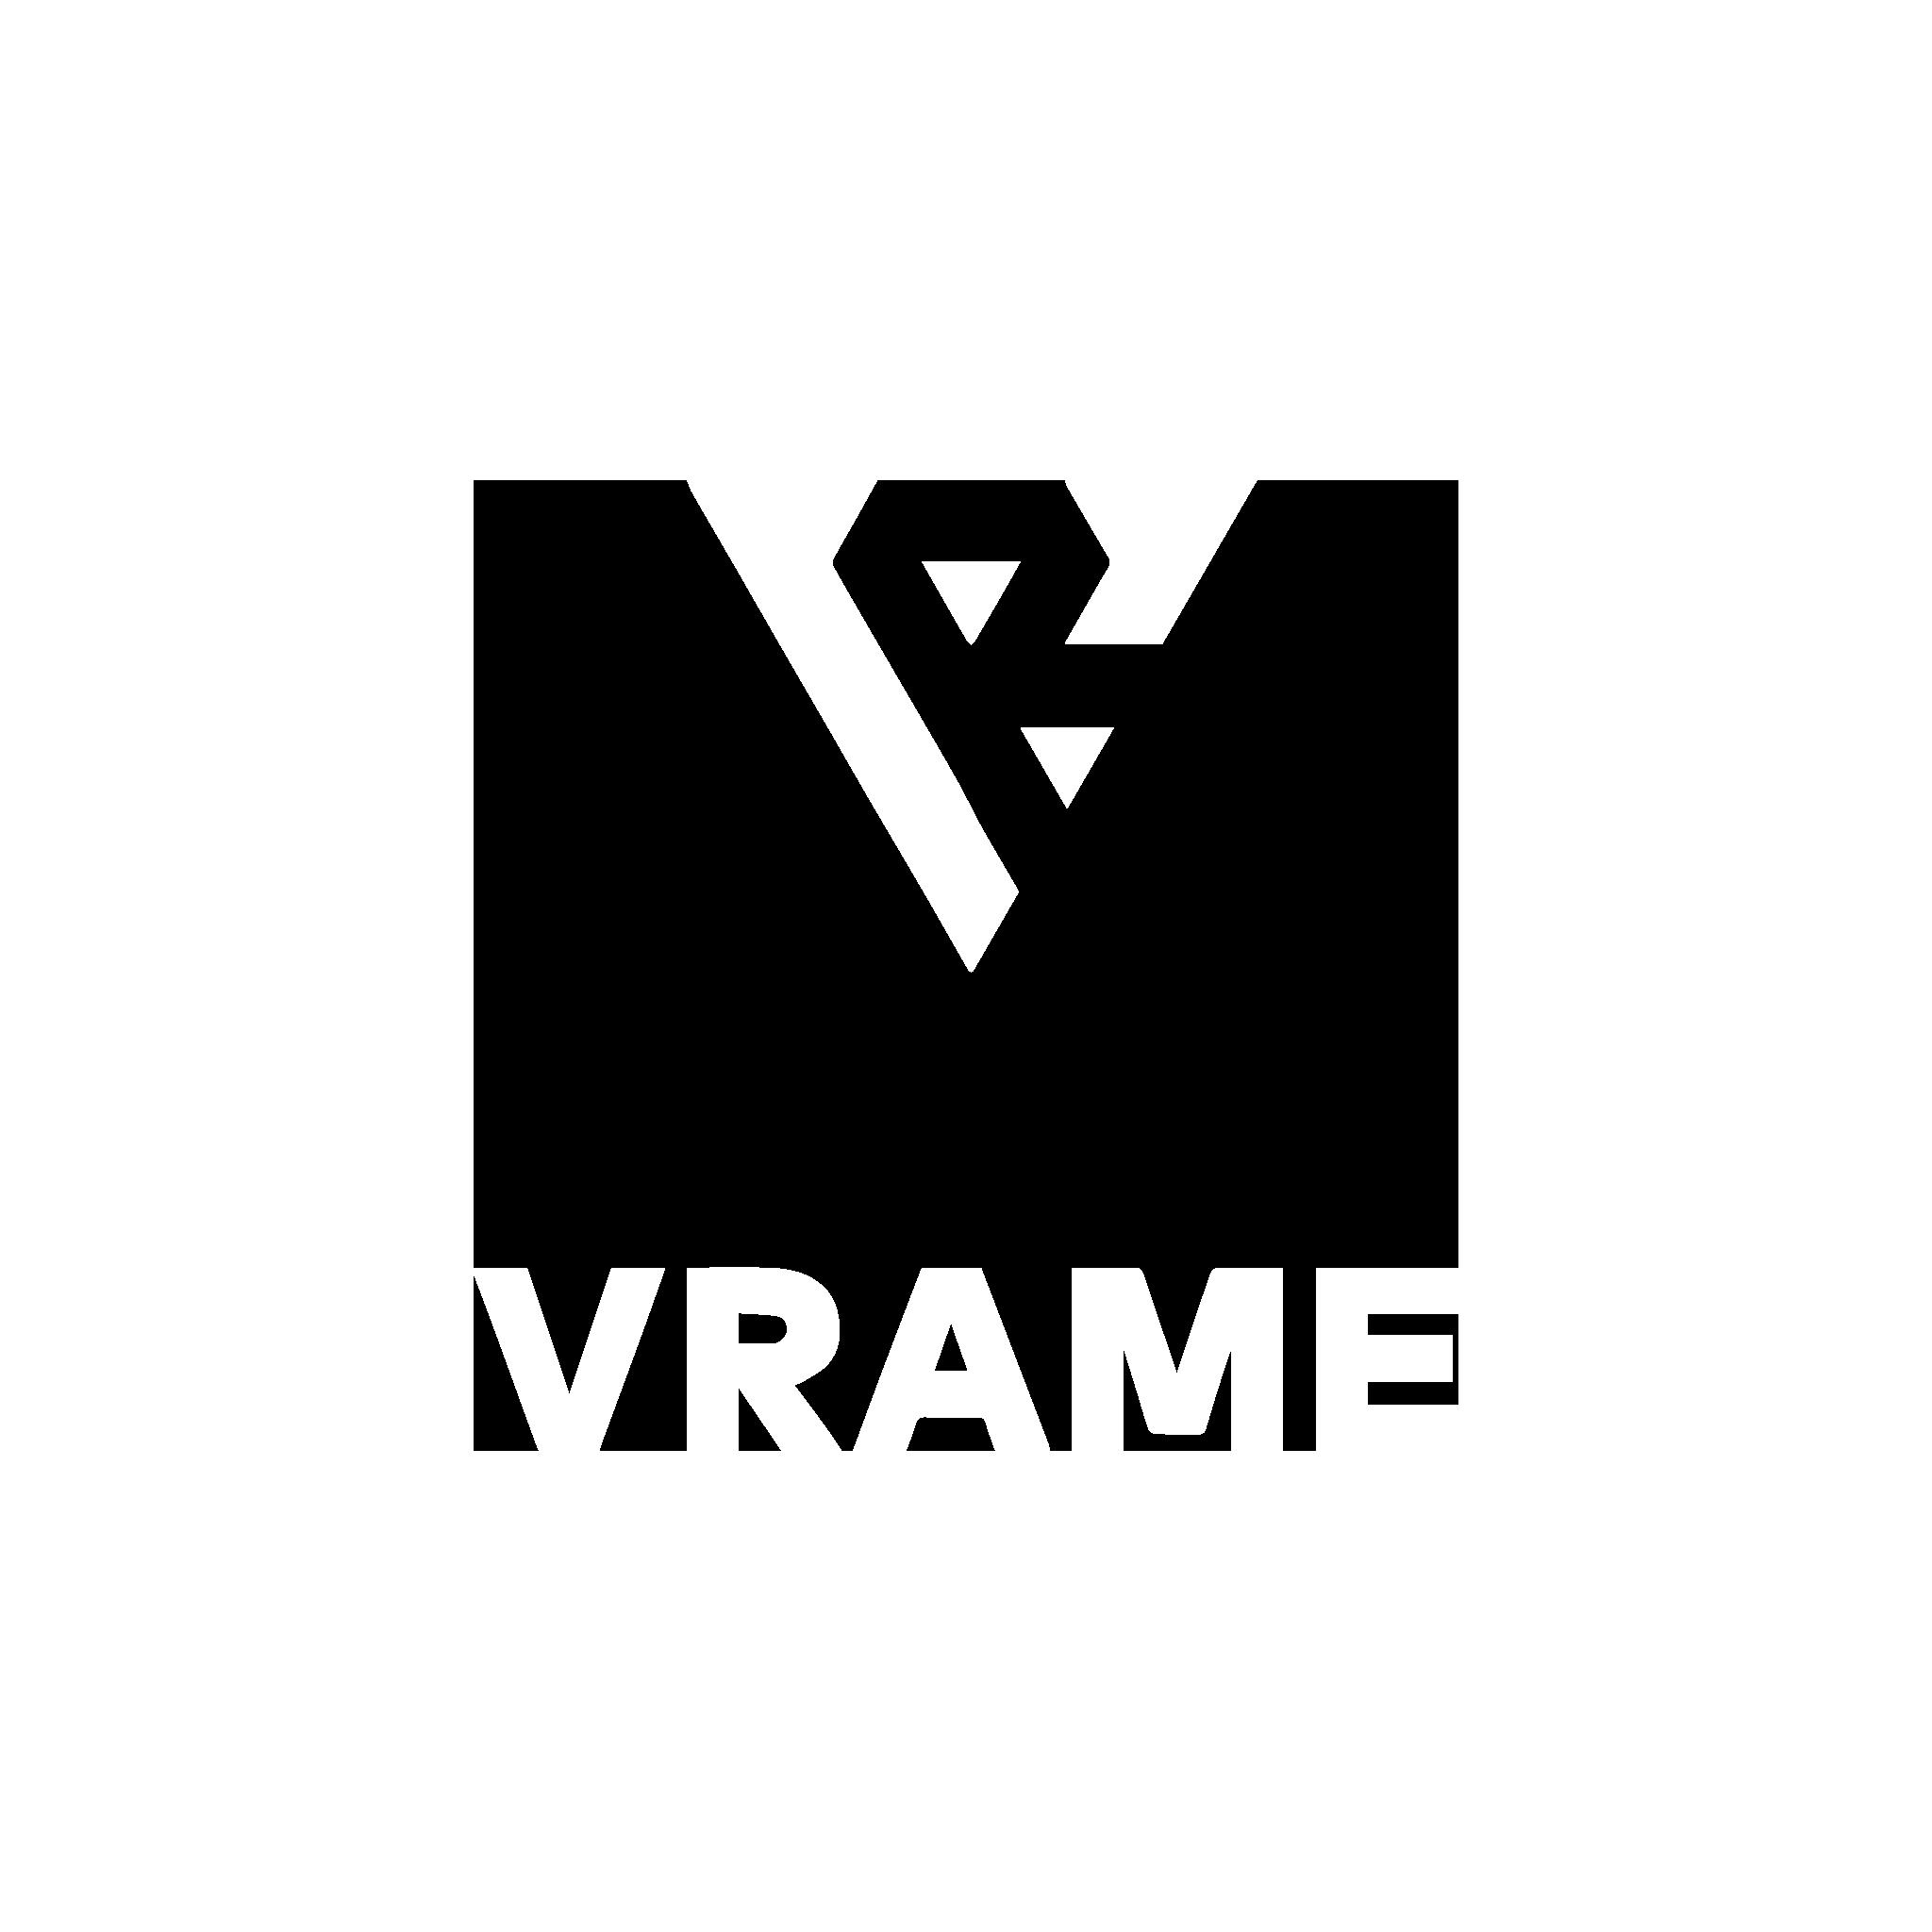 VRame_white_transparentBG_001